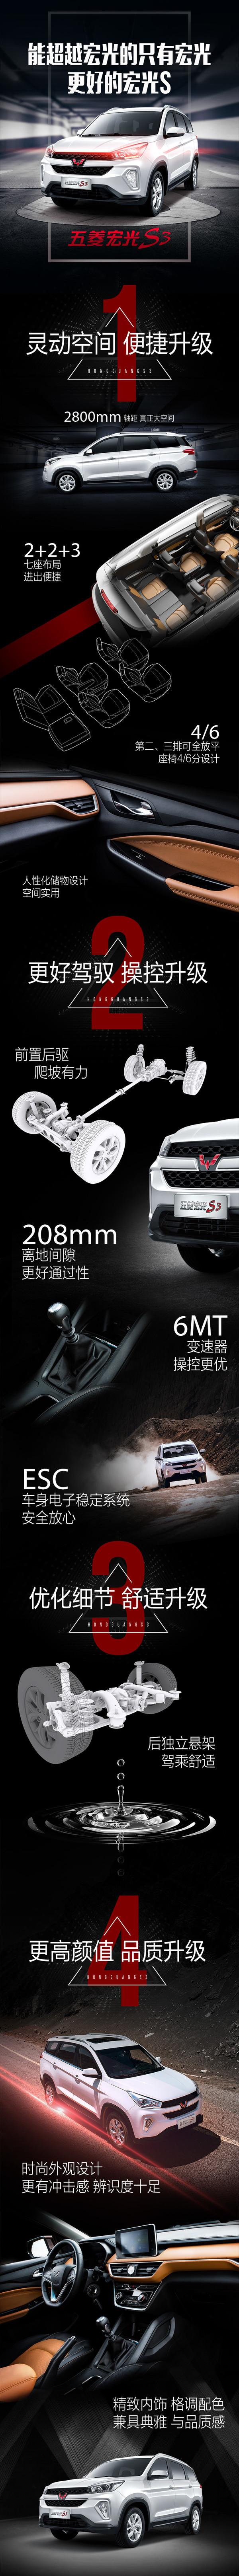 五菱 宏光S3 线上专享优惠